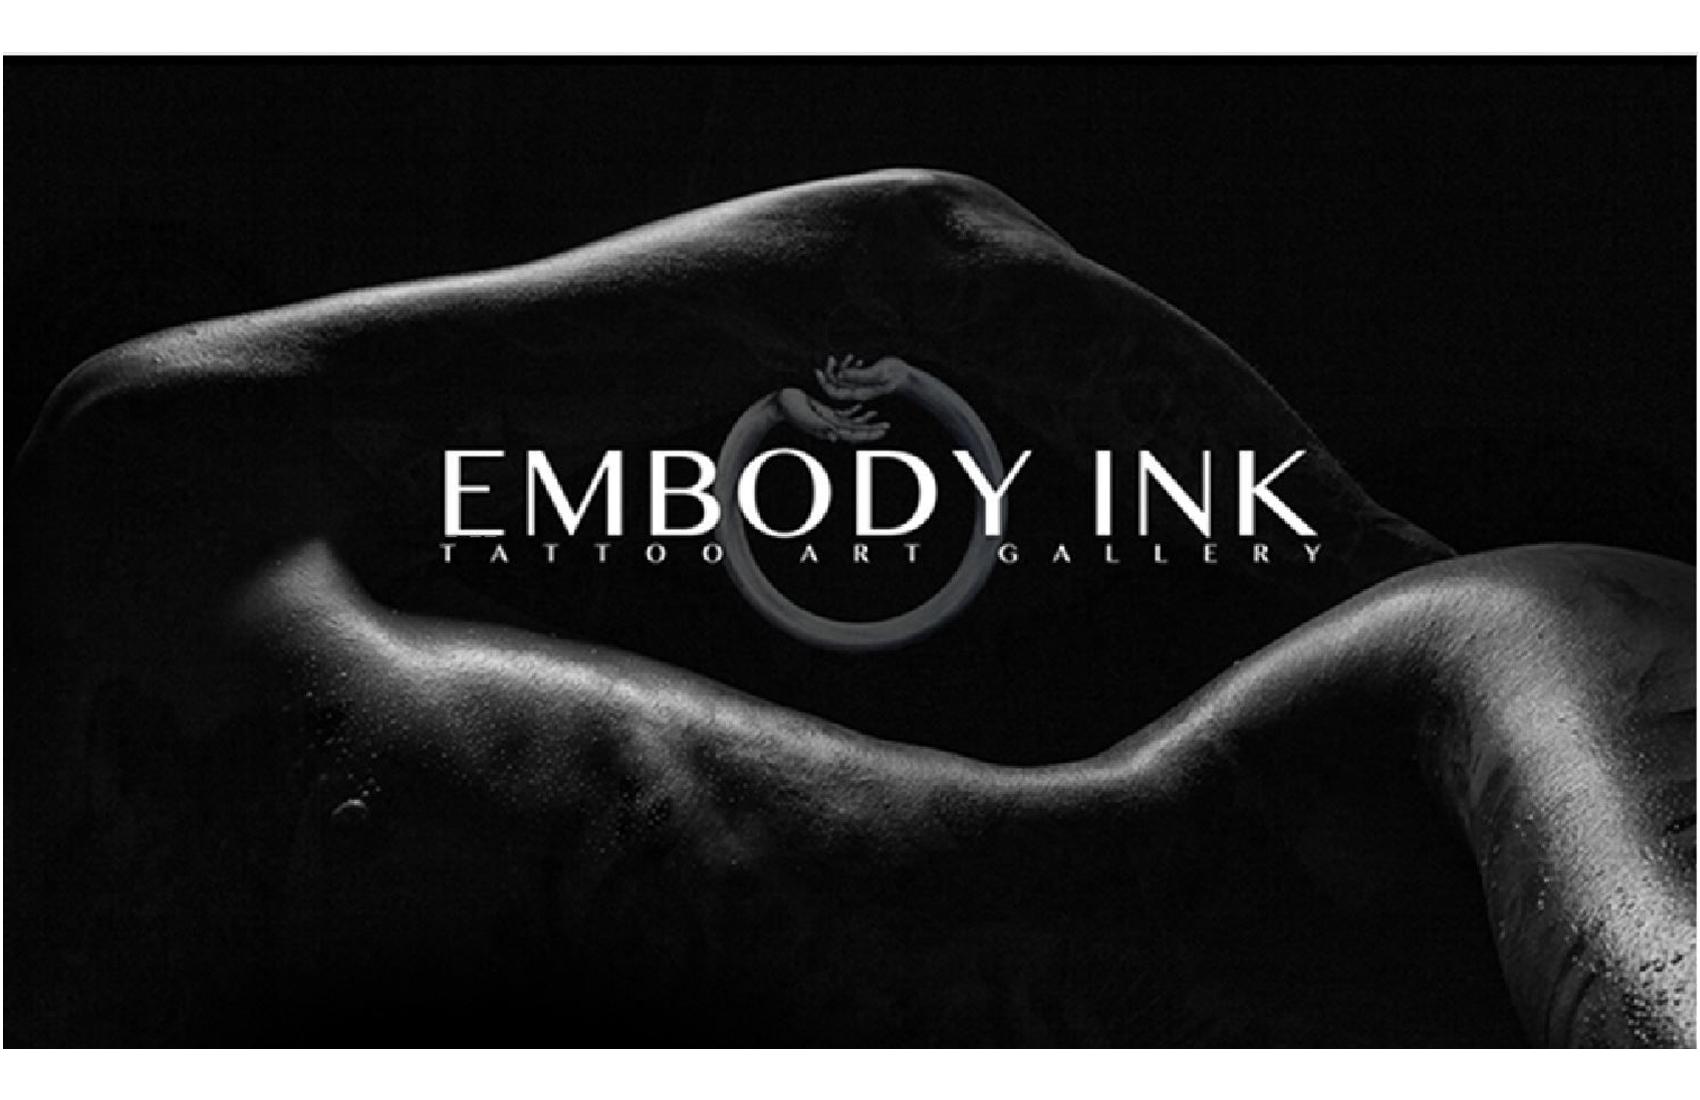 Embodyink